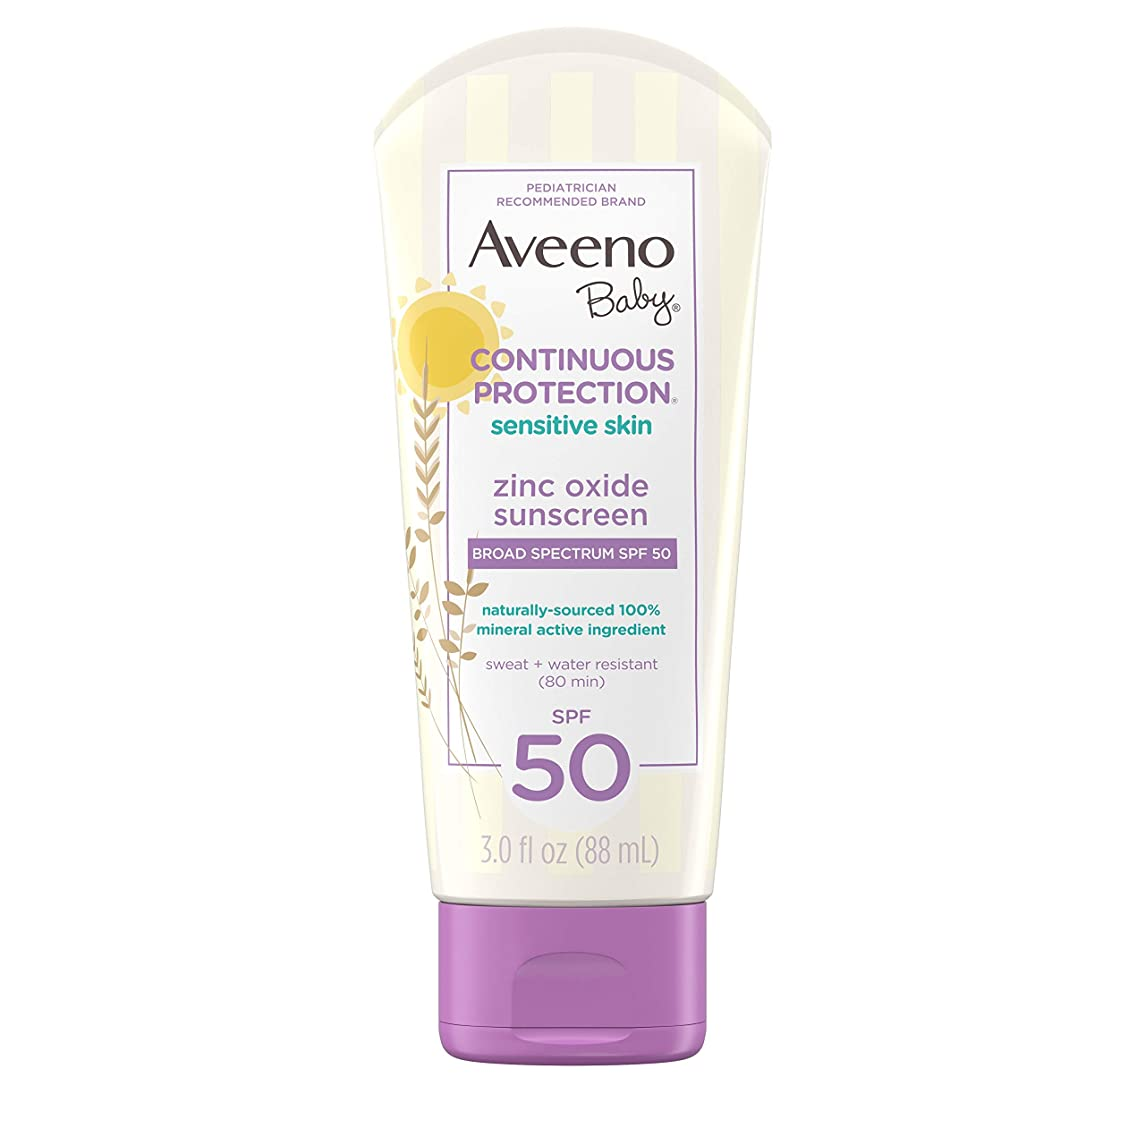 タンカー特別な民間Aveeno Baby 広域スペクトルのSPF 50、涙フリー、Sweat-&耐水性、旅行、サイズ、3フロリダで敏感肌用のContinuous Protection酸化亜鉛ミネラル日焼け止めローション。オズ